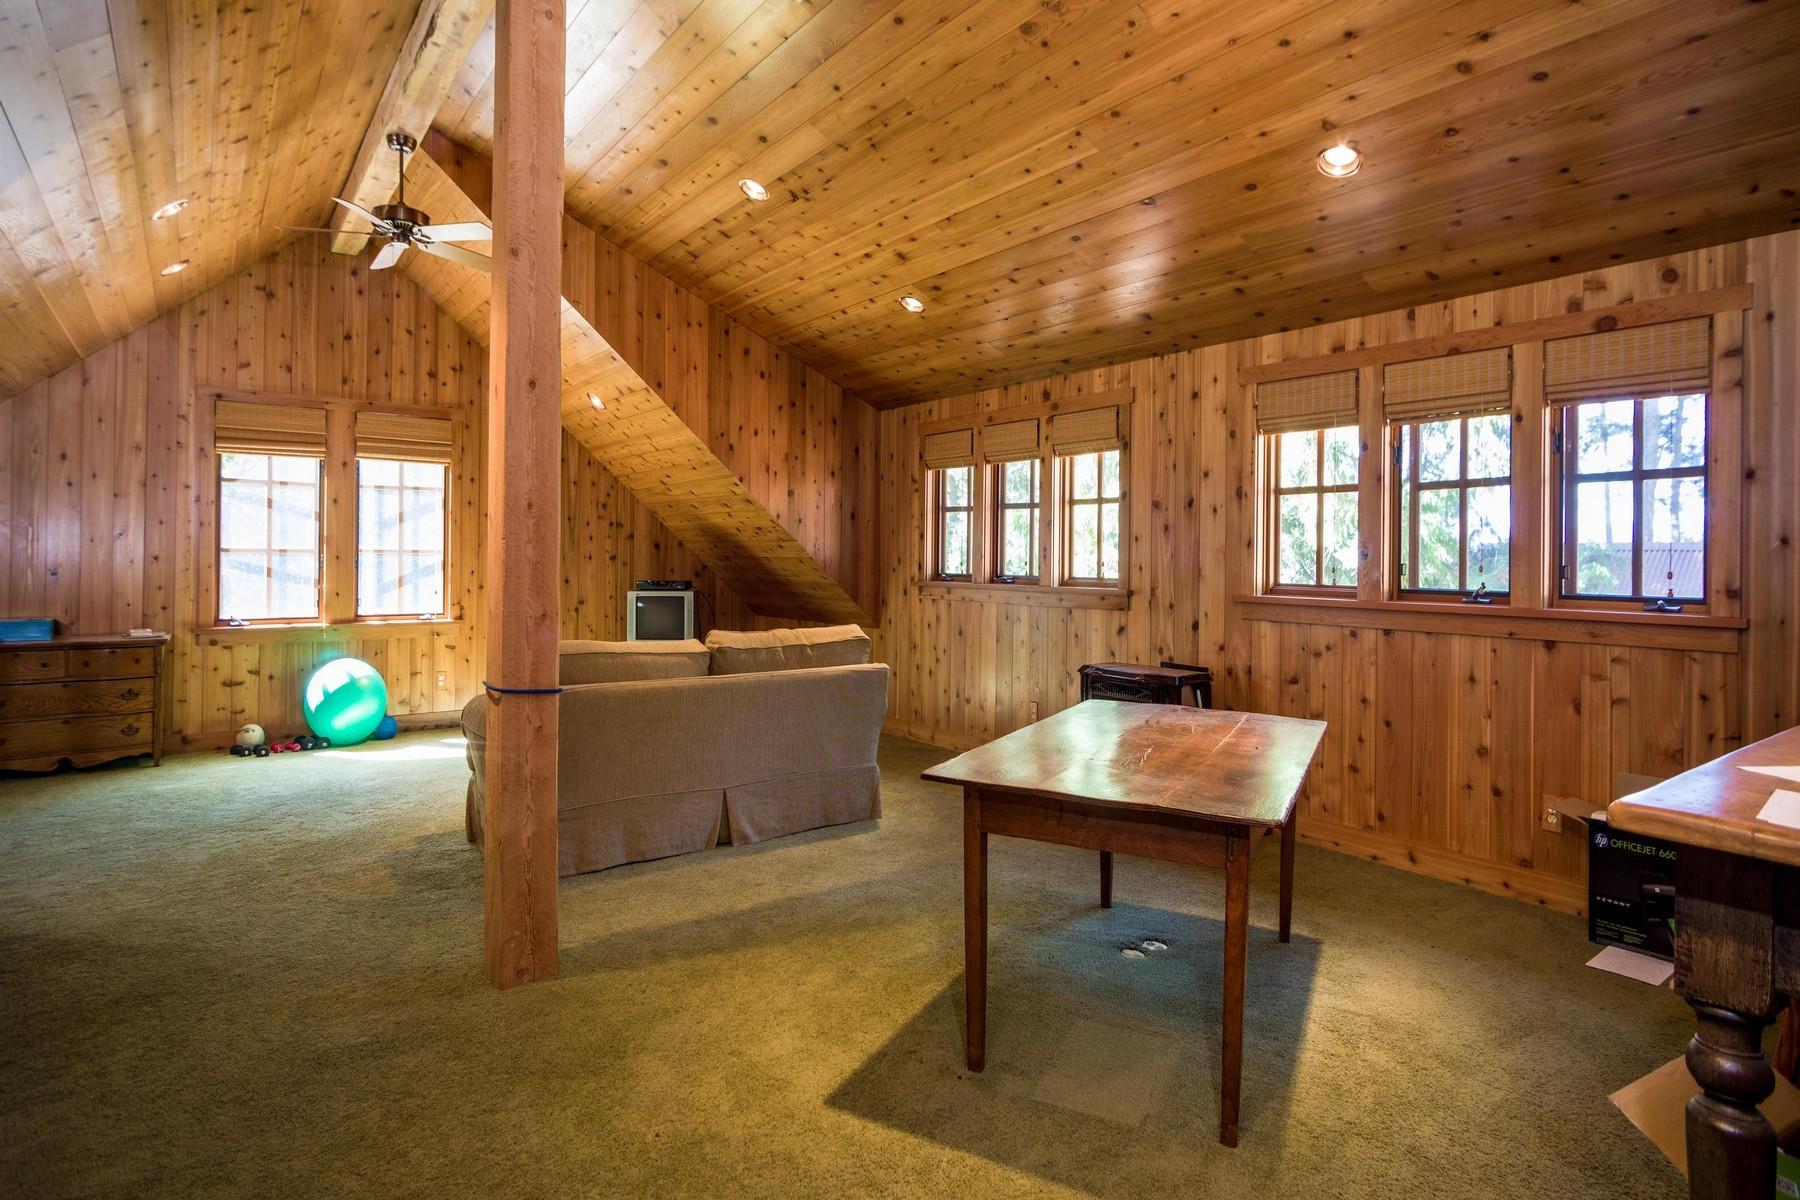 Additional photo for property listing at 13697 Sylvan Drive, Bigfork, MT 59911 13697  Sylvan Dr Bigfork, Montana 59911 United States